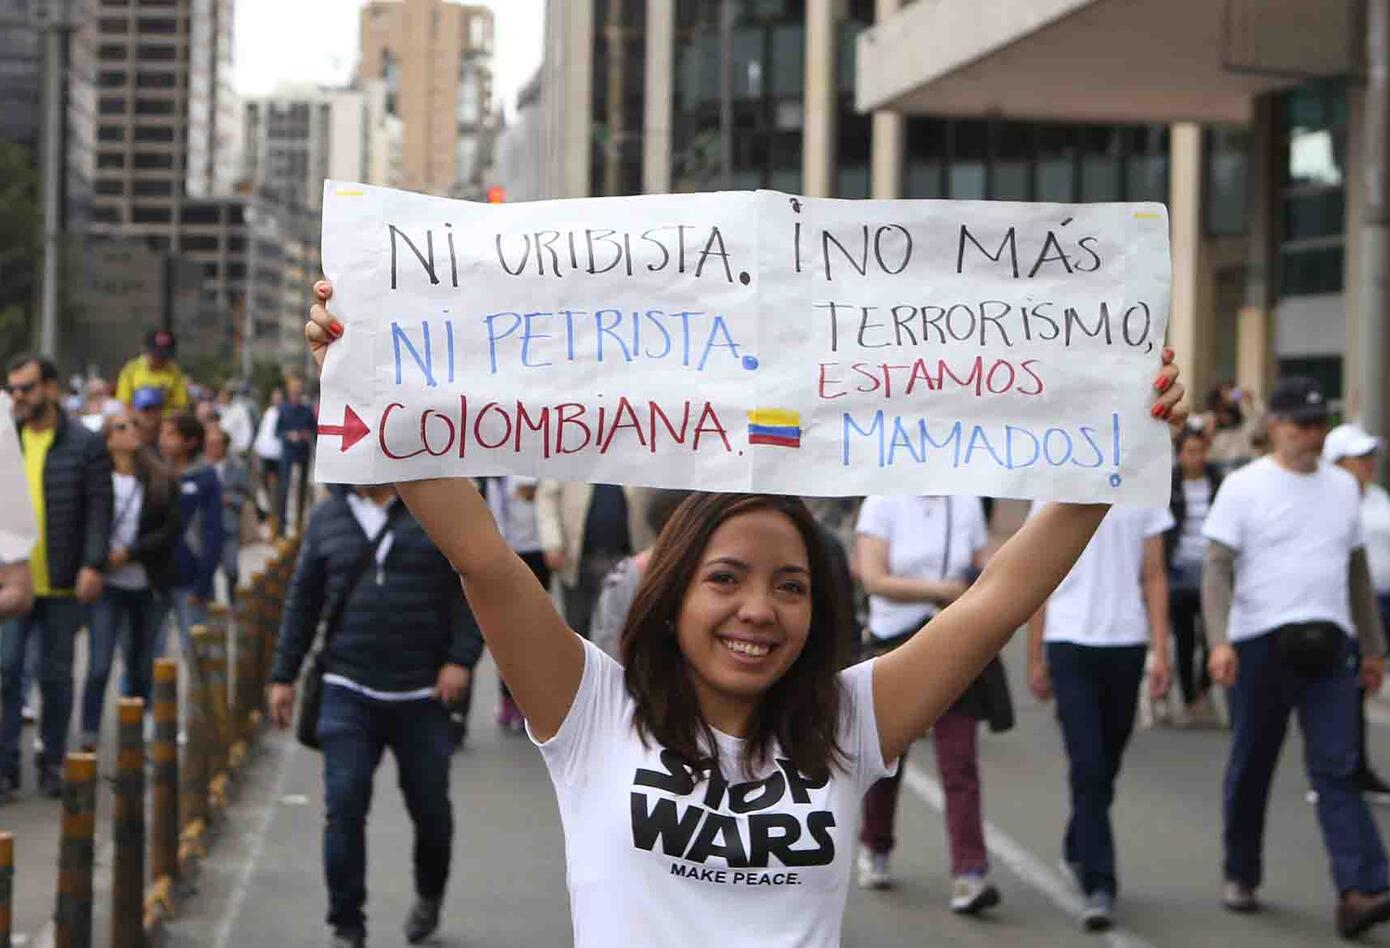 La consigna era clara: sin importar el color político se le dice NO al terrorismo.